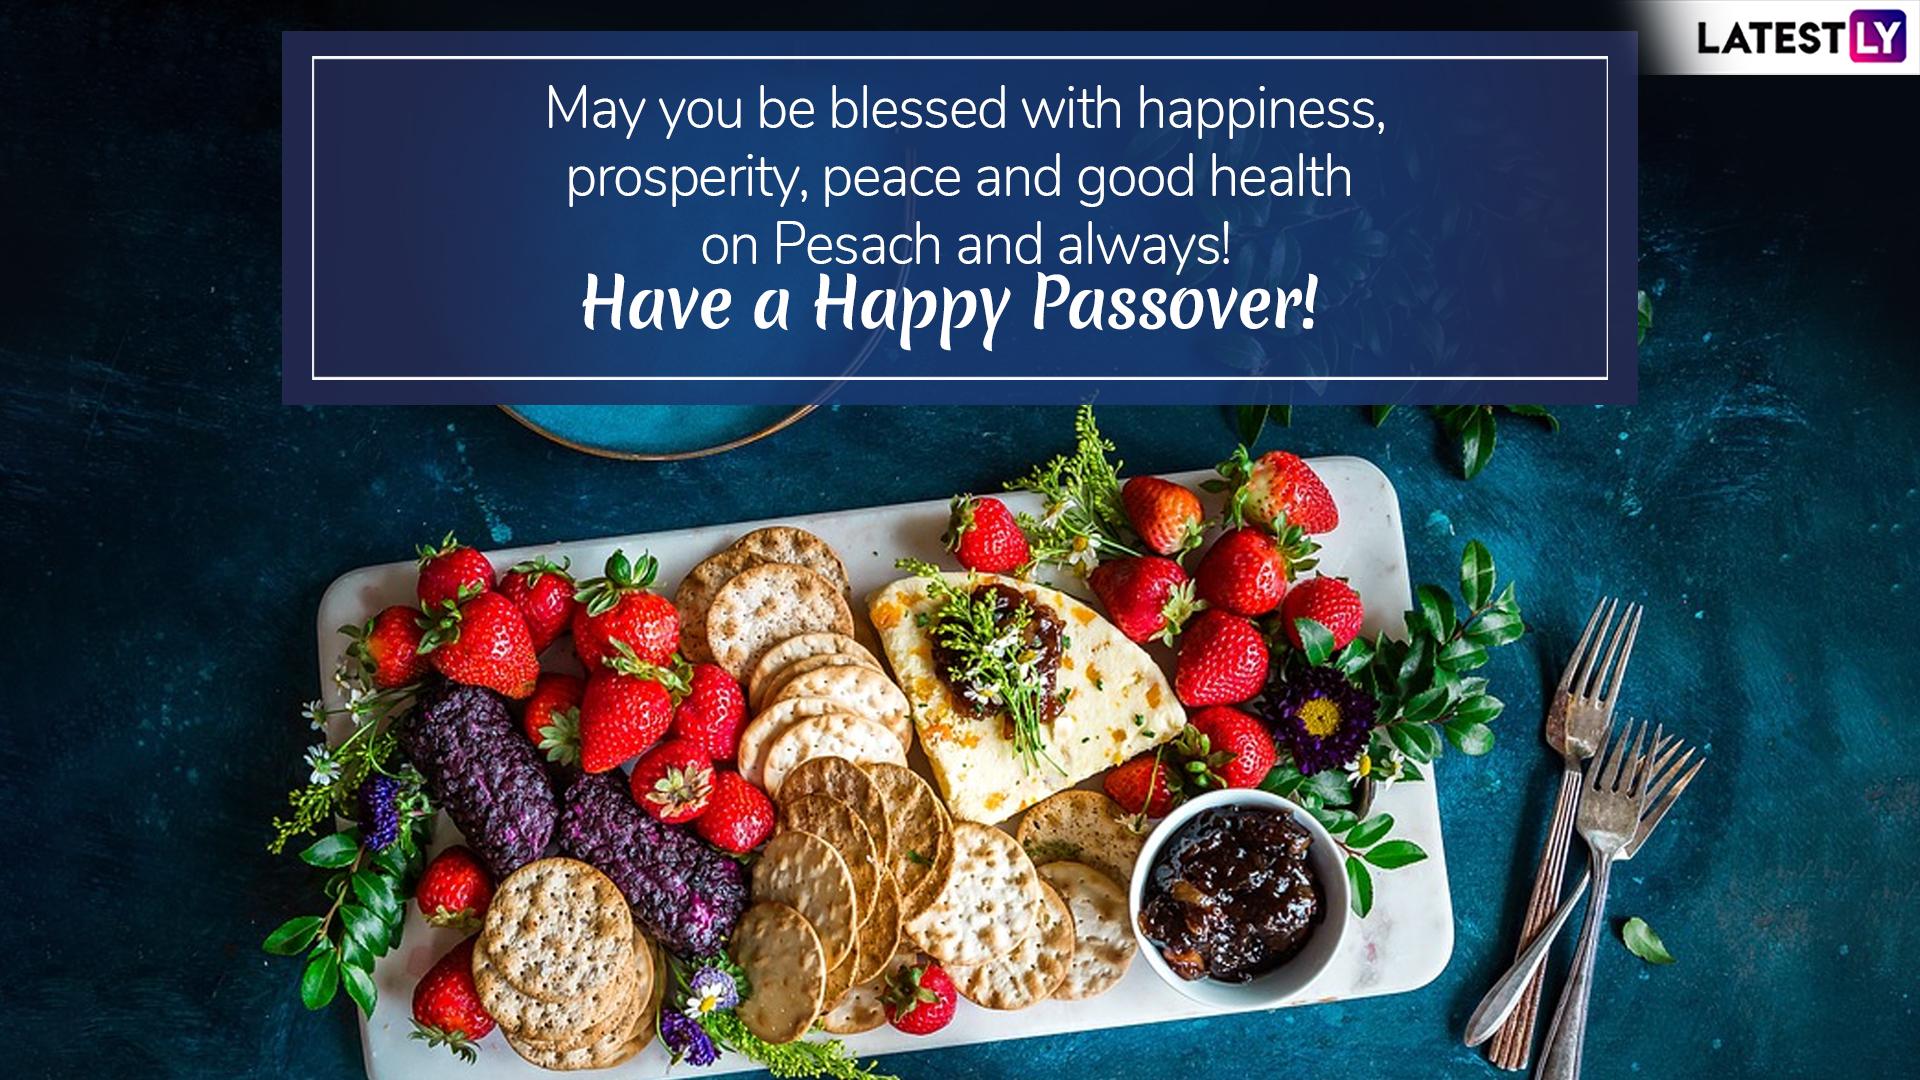 happy passover - photo #19